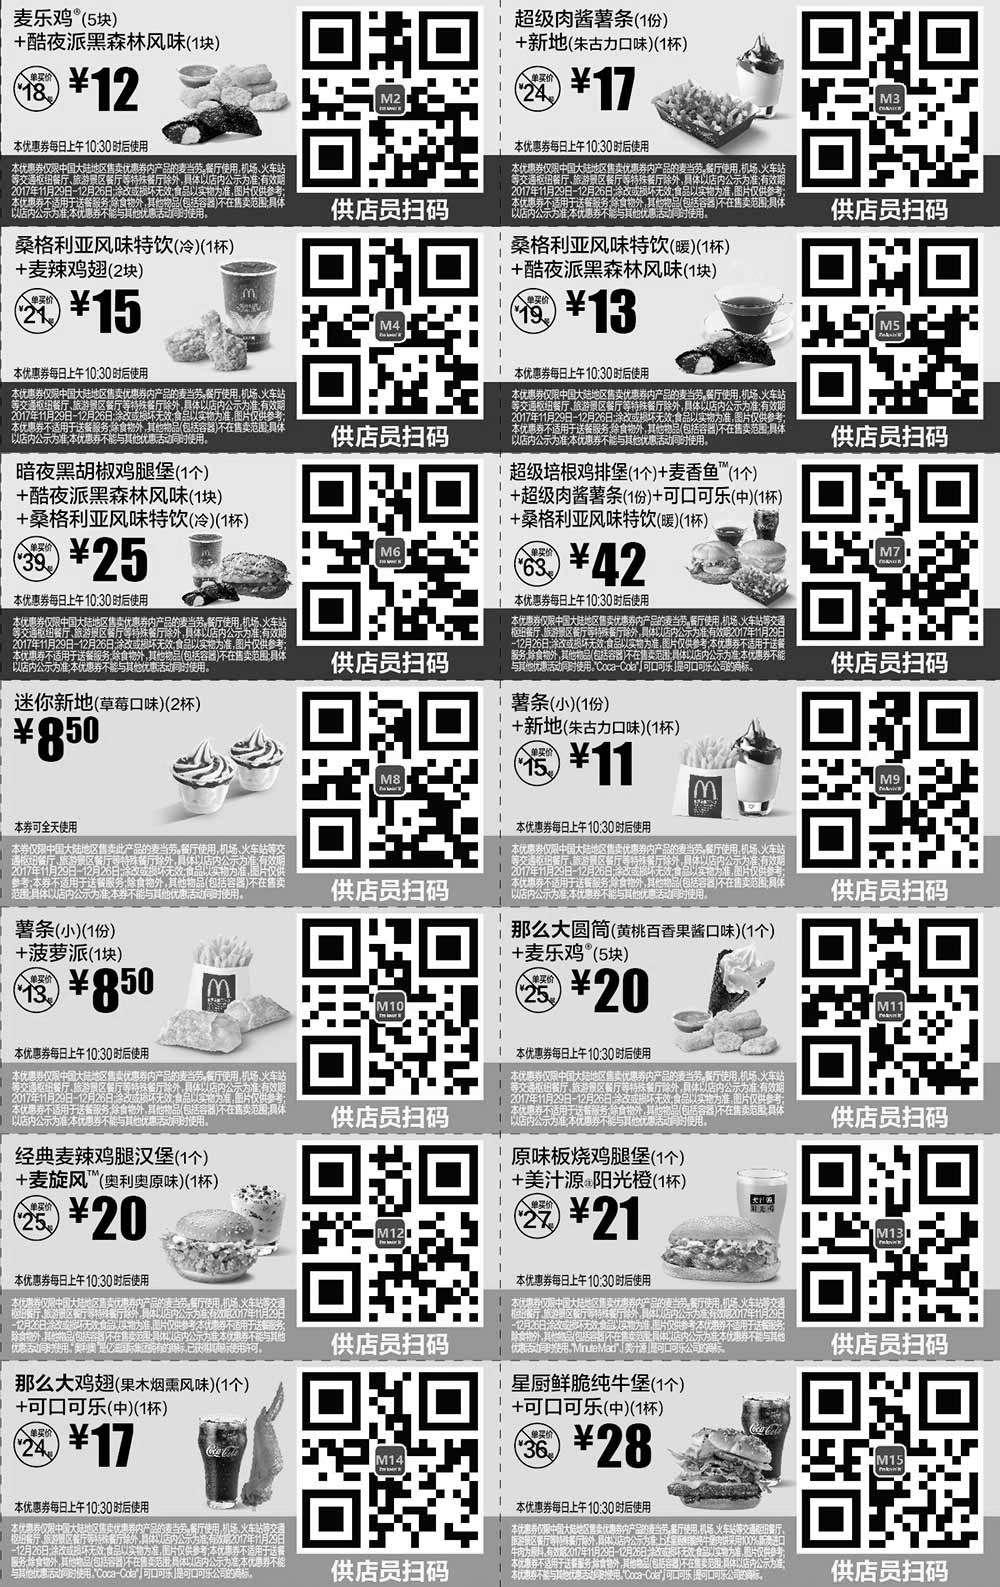 黑白优惠券图片:麦当劳优惠券2017年11月12月份手机版整张版本,点餐出示给店员扫码享优惠价 - www.5ikfc.com